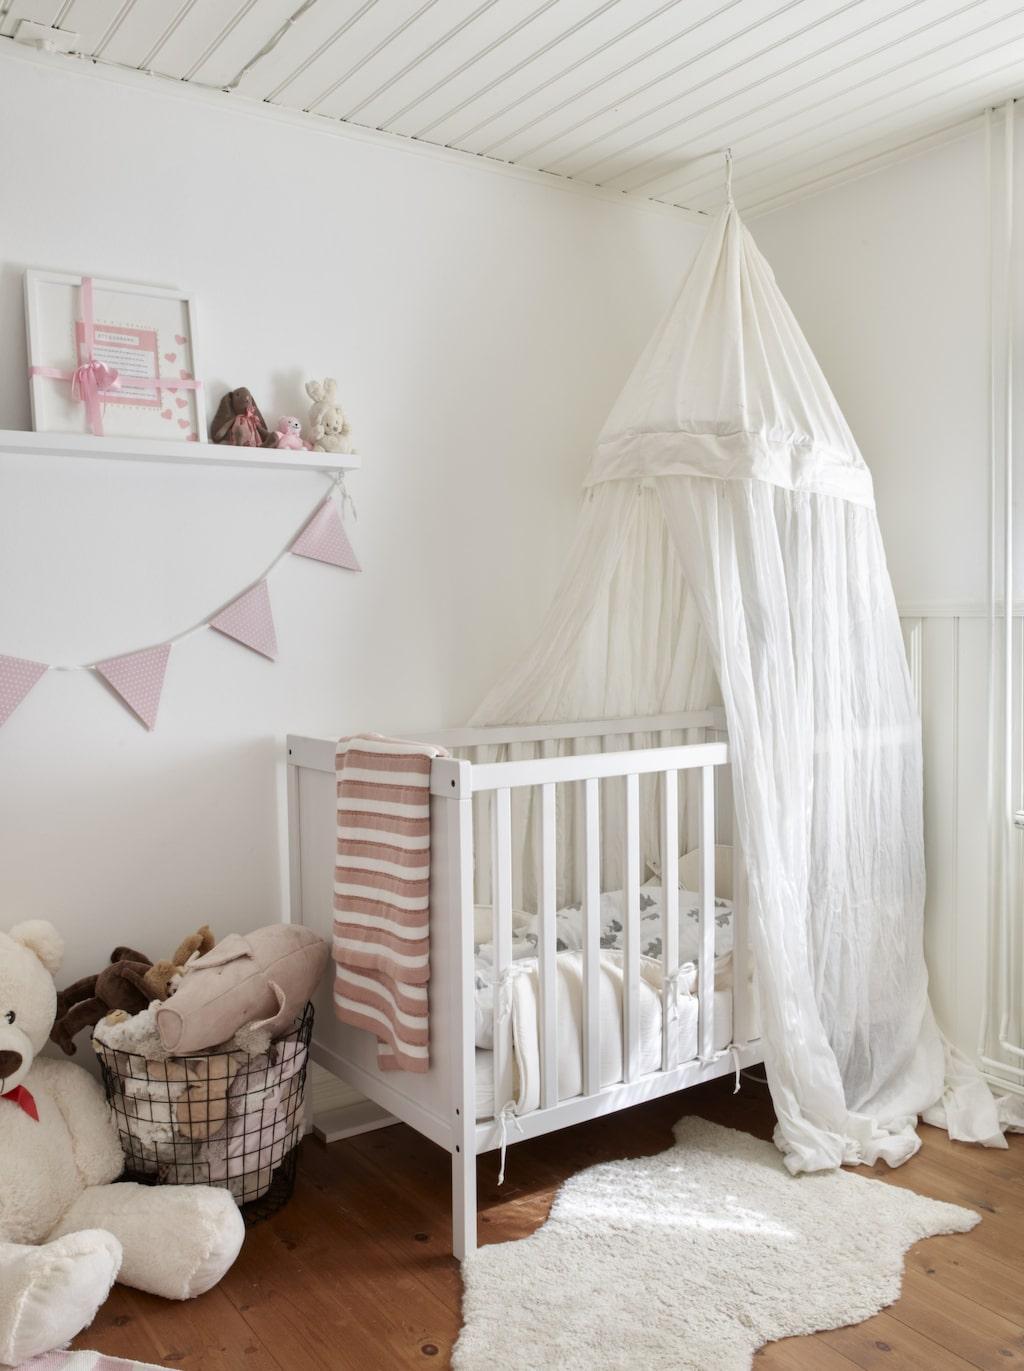 Rosa dröm. Almas rum är litet och mysigt. Spjälsäng från Ikea med sänghimmel från Funky factory. På hyllan samsas doppresenter med mjukisdjur.